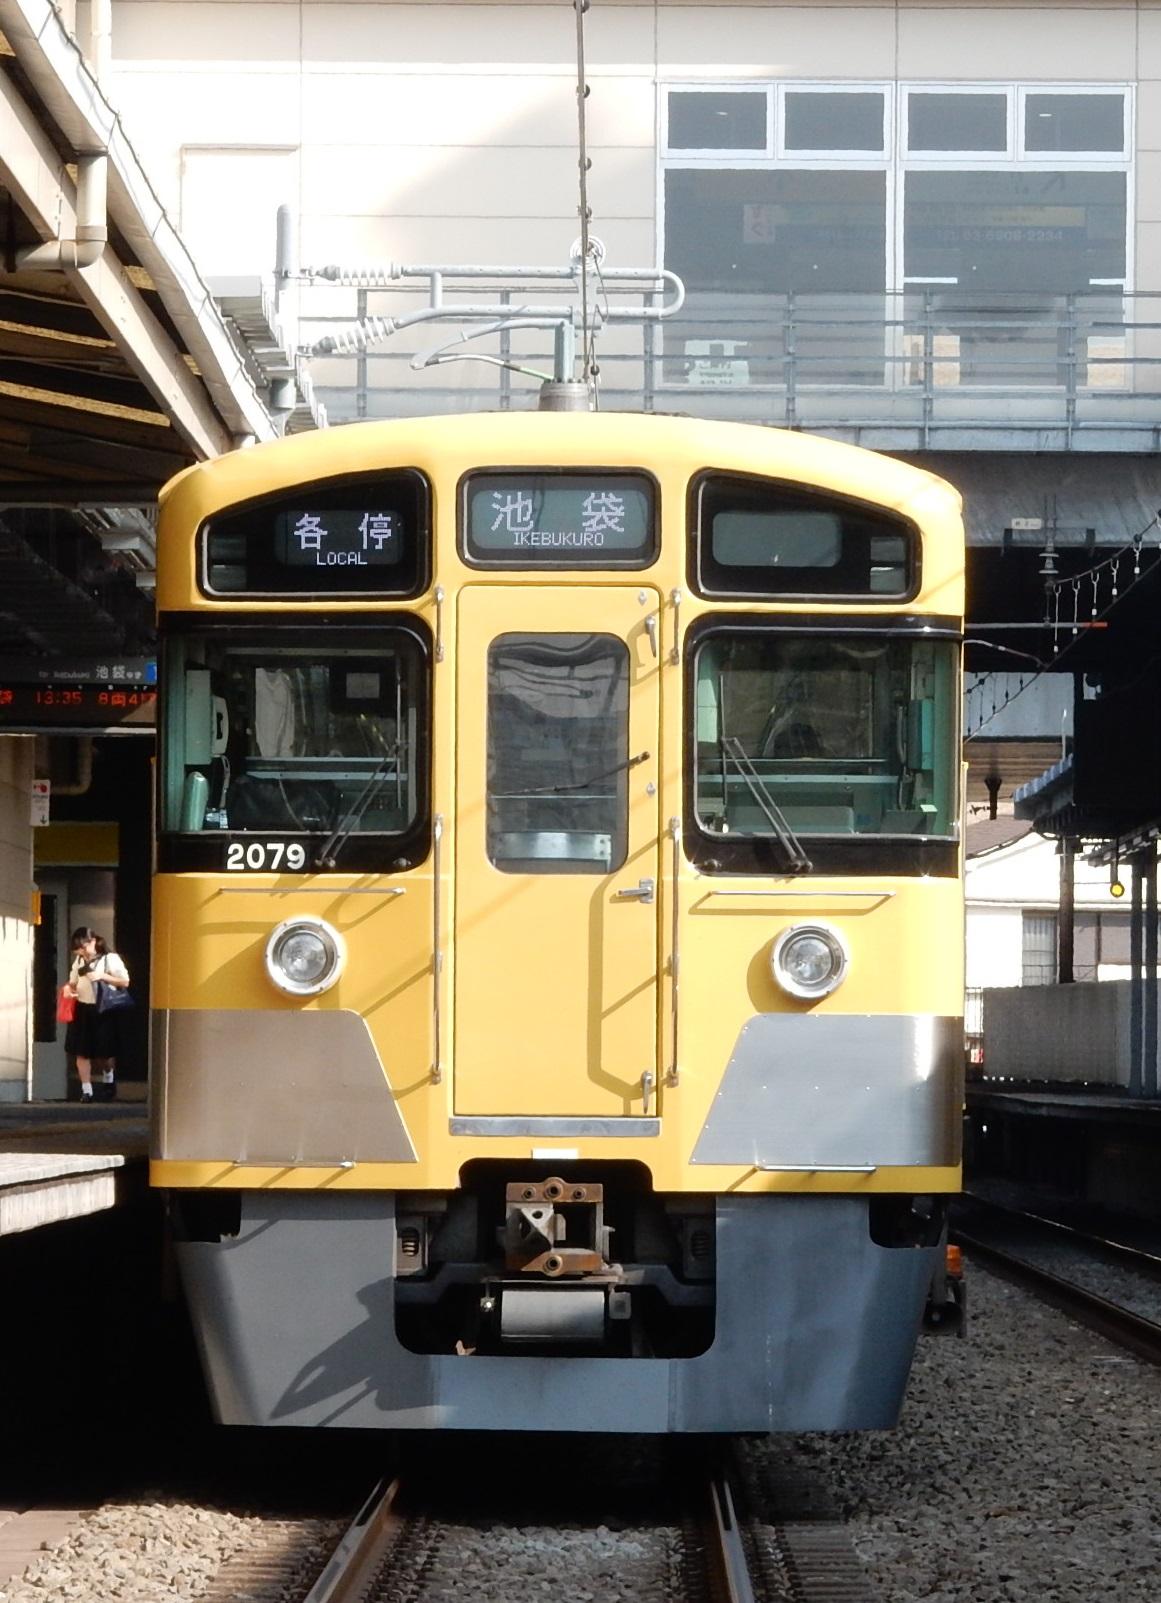 DSCN6661.jpg